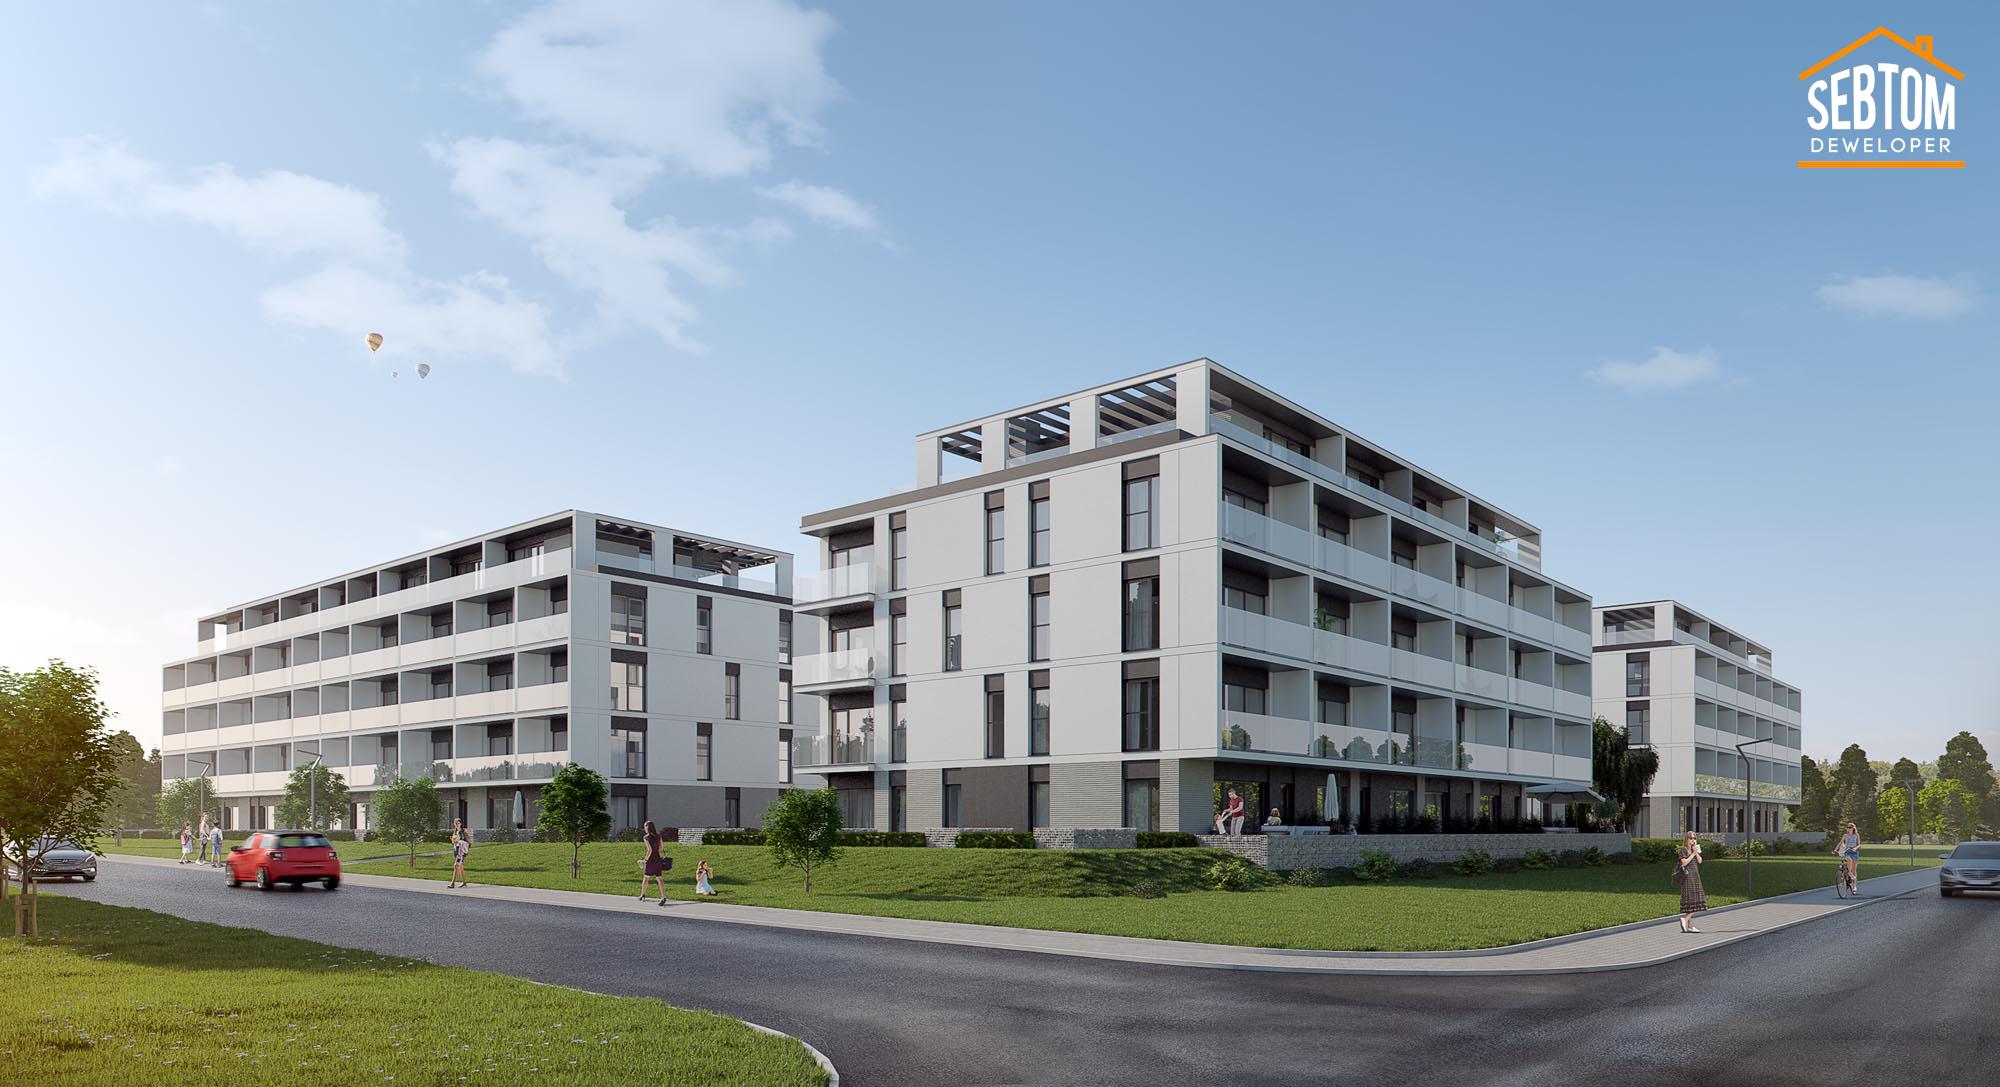 Mieszkanie M09 [Piętro III] Piła, Budynek 1A, ul. Kazimierza Wielkiego [Szklane Tarasy]